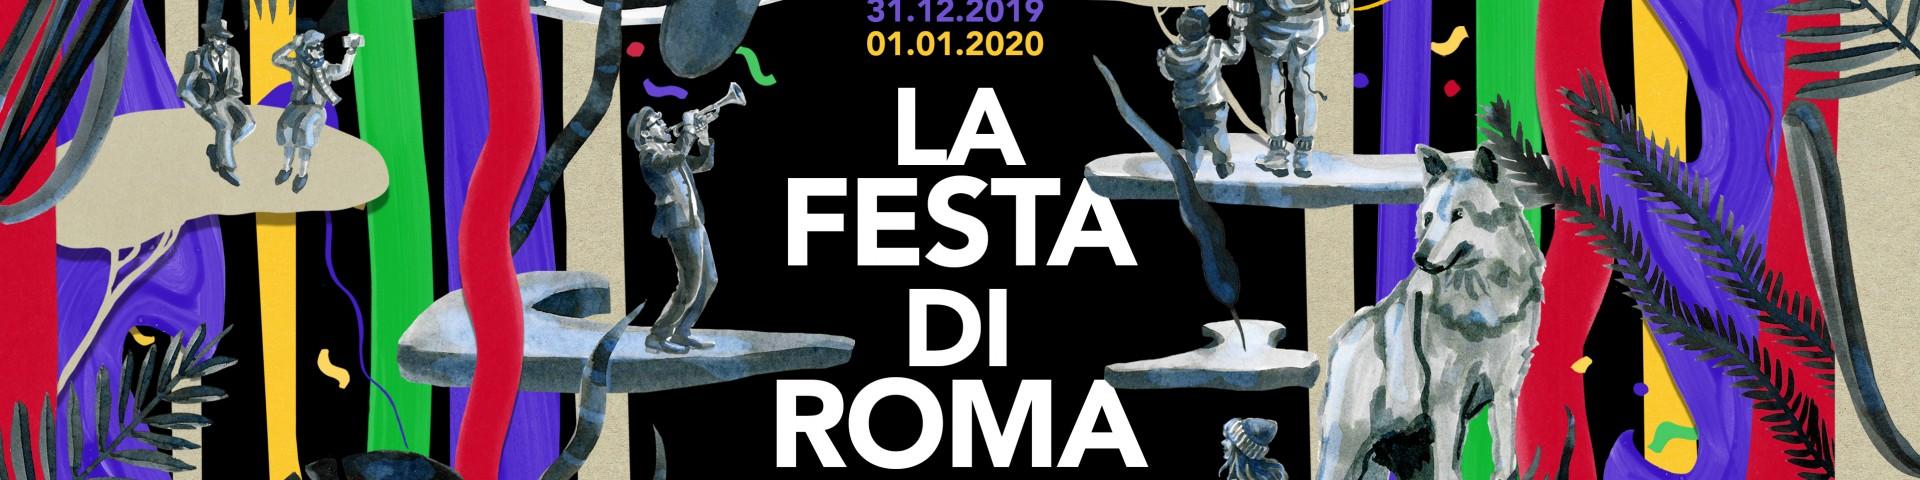 Capodanno 2020 a Roma: il nome dell'ospite internazionale